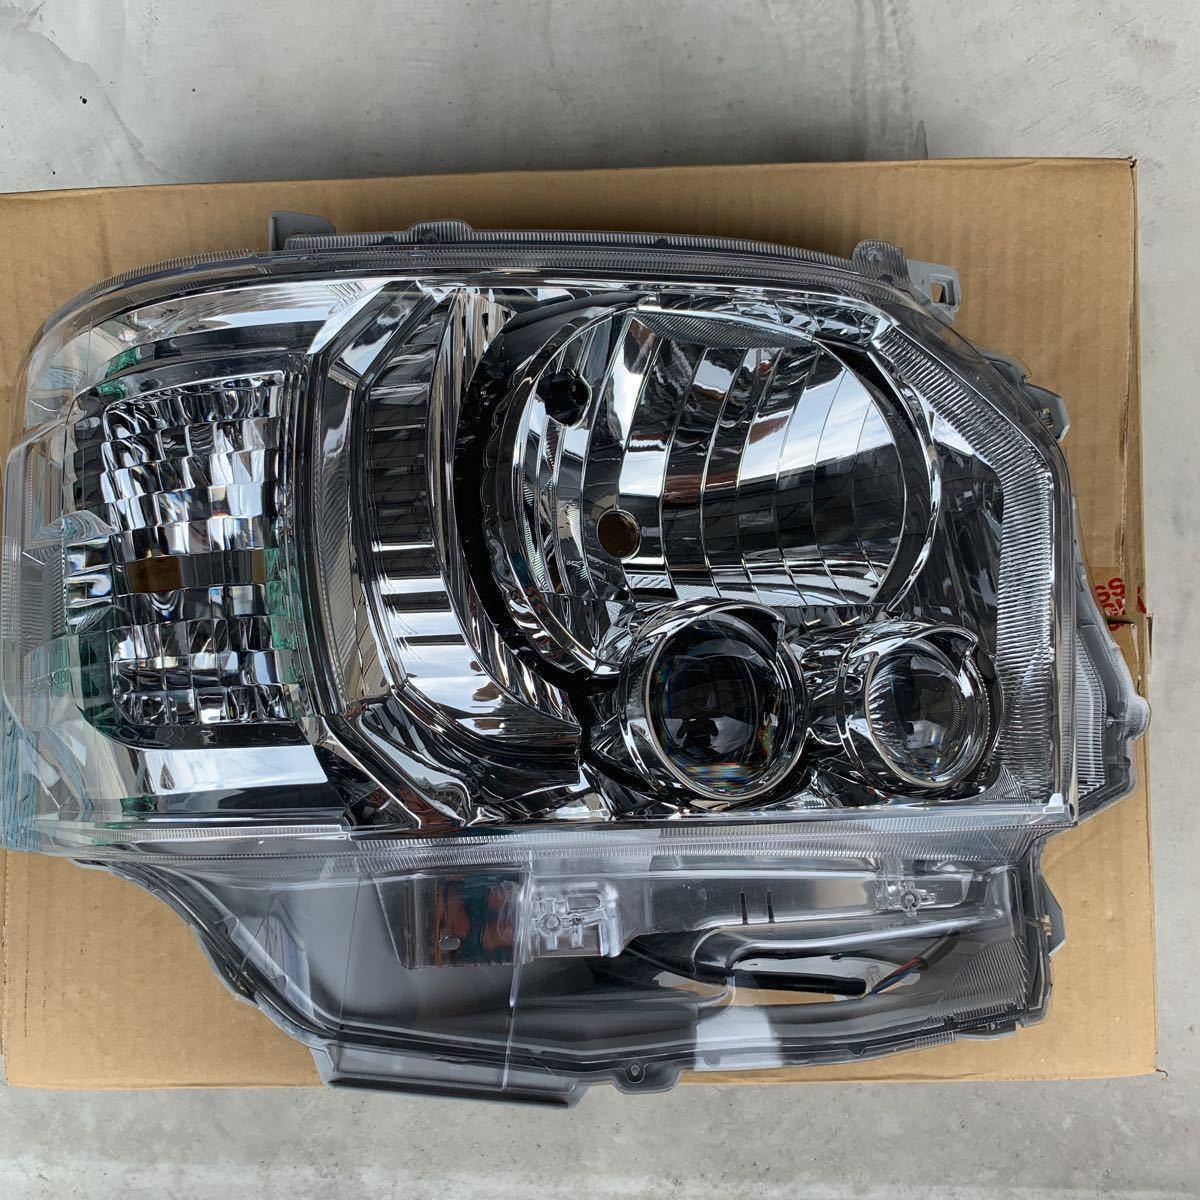 美品 程度良好 ハイエース 200 4型 5型 純正 LED ヘッドライト ヘッドランプ 右 右側LEDヘッドライト